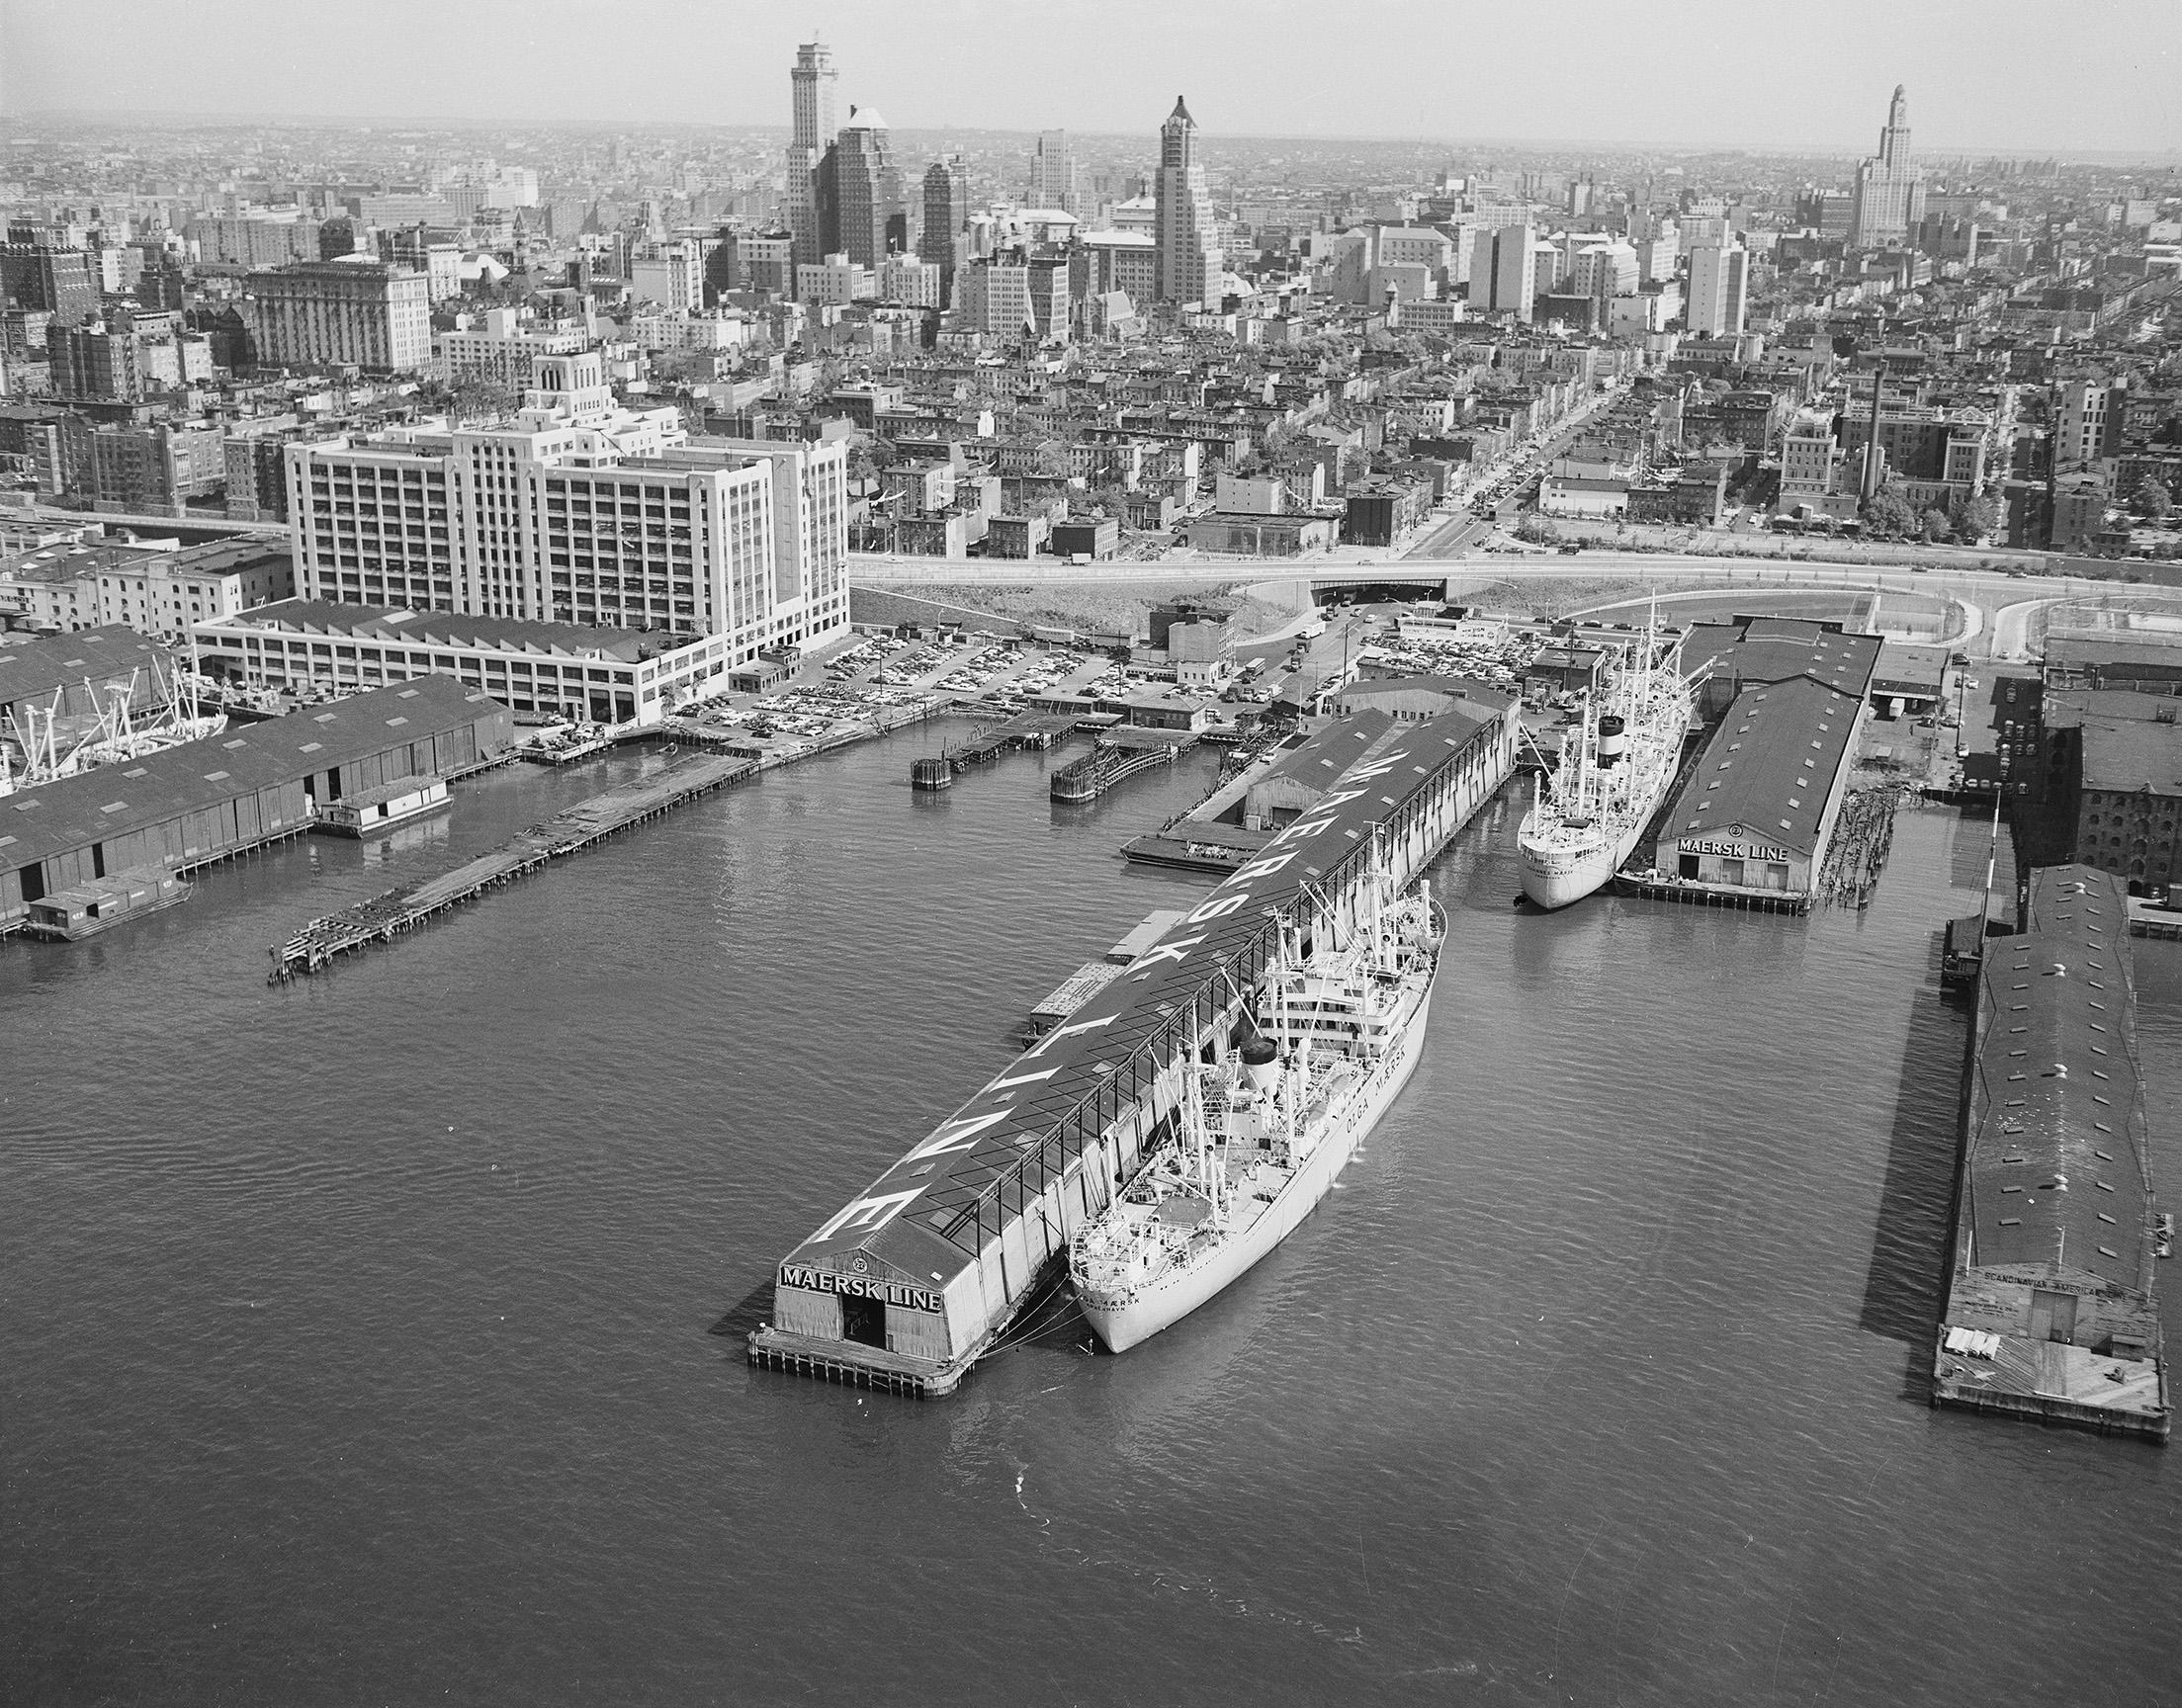 Atlantic Avenue, Brooklyn, September 19, 1956